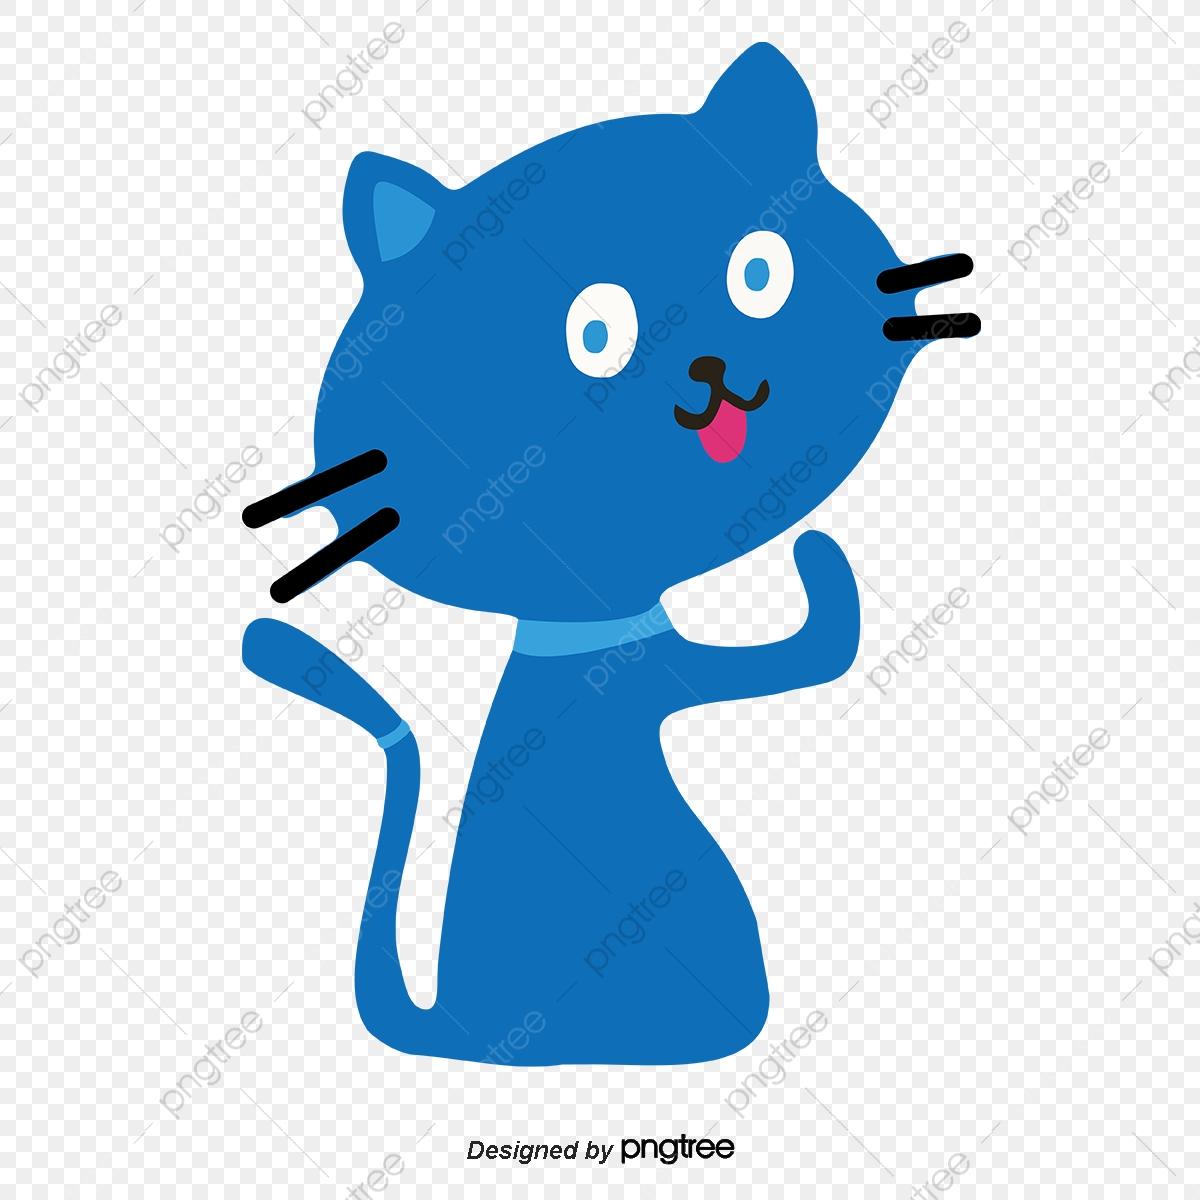 Japanische Zeichentrick Katze Blau Illustration, Cartoon in Süße Zeichentrick Bilder